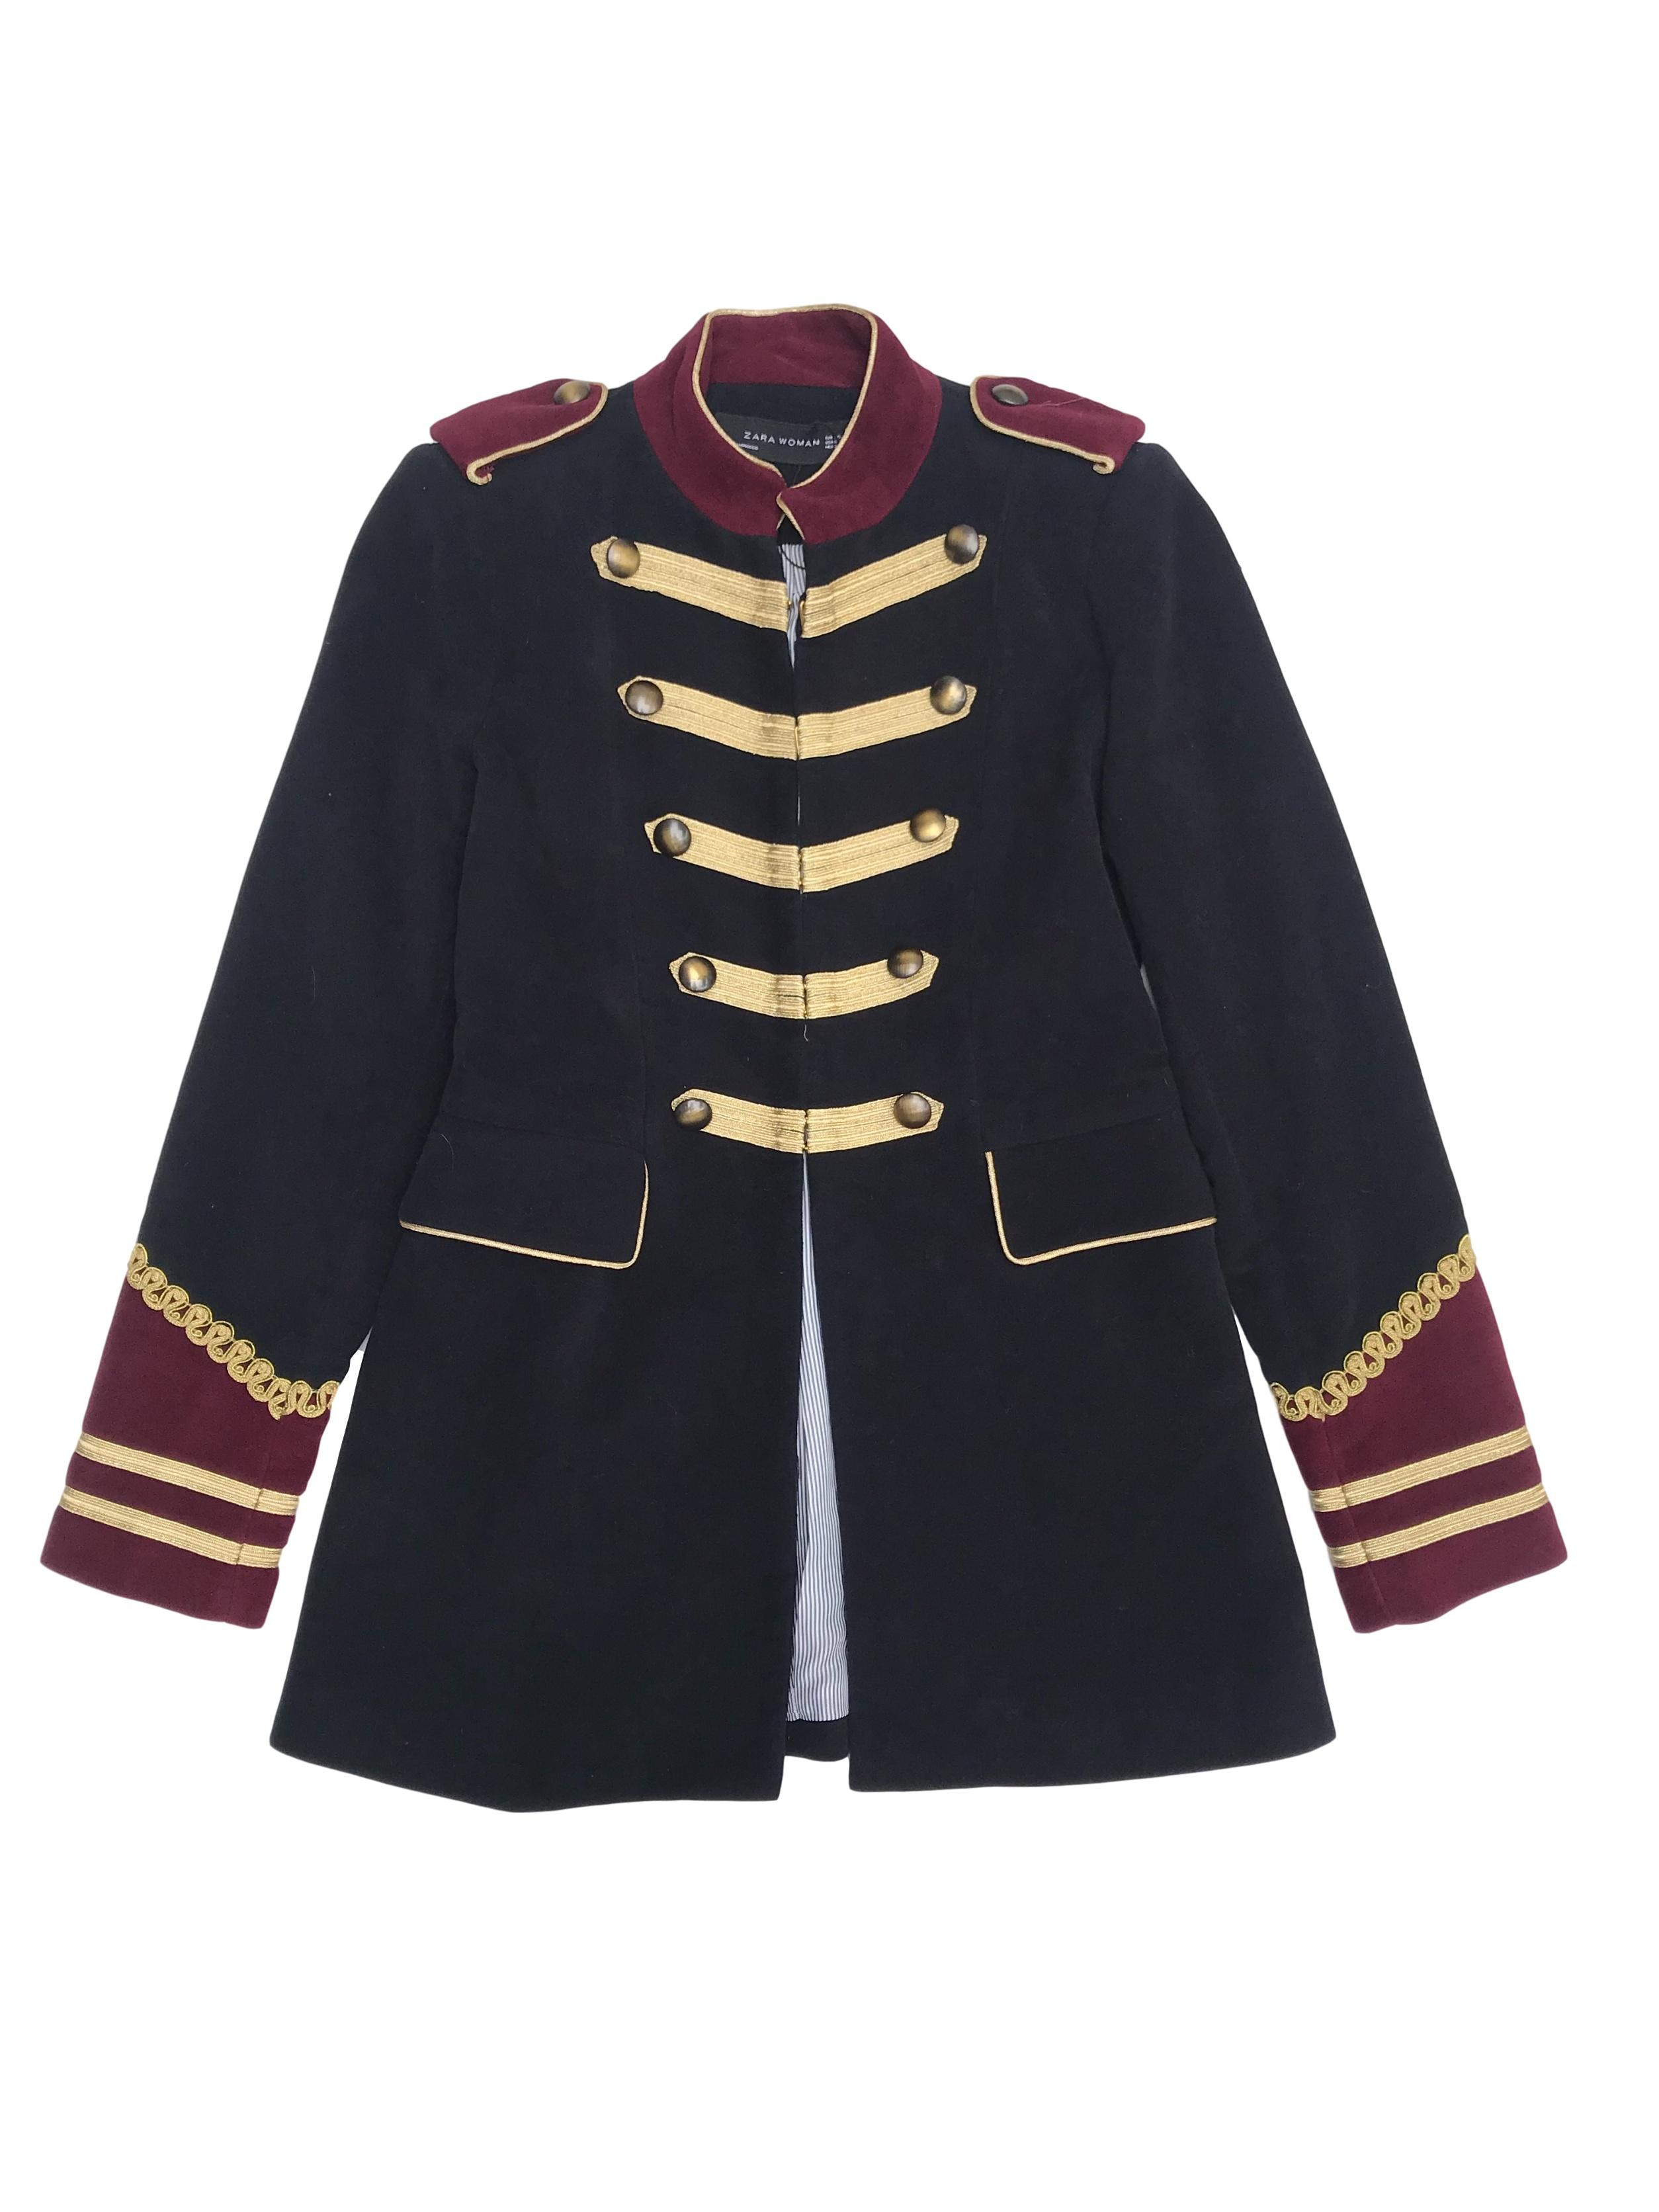 Chaqueta Zara estilo militar, forrada y con bolsillos delanteros. Largo 69cm. ¡Una Pieza!